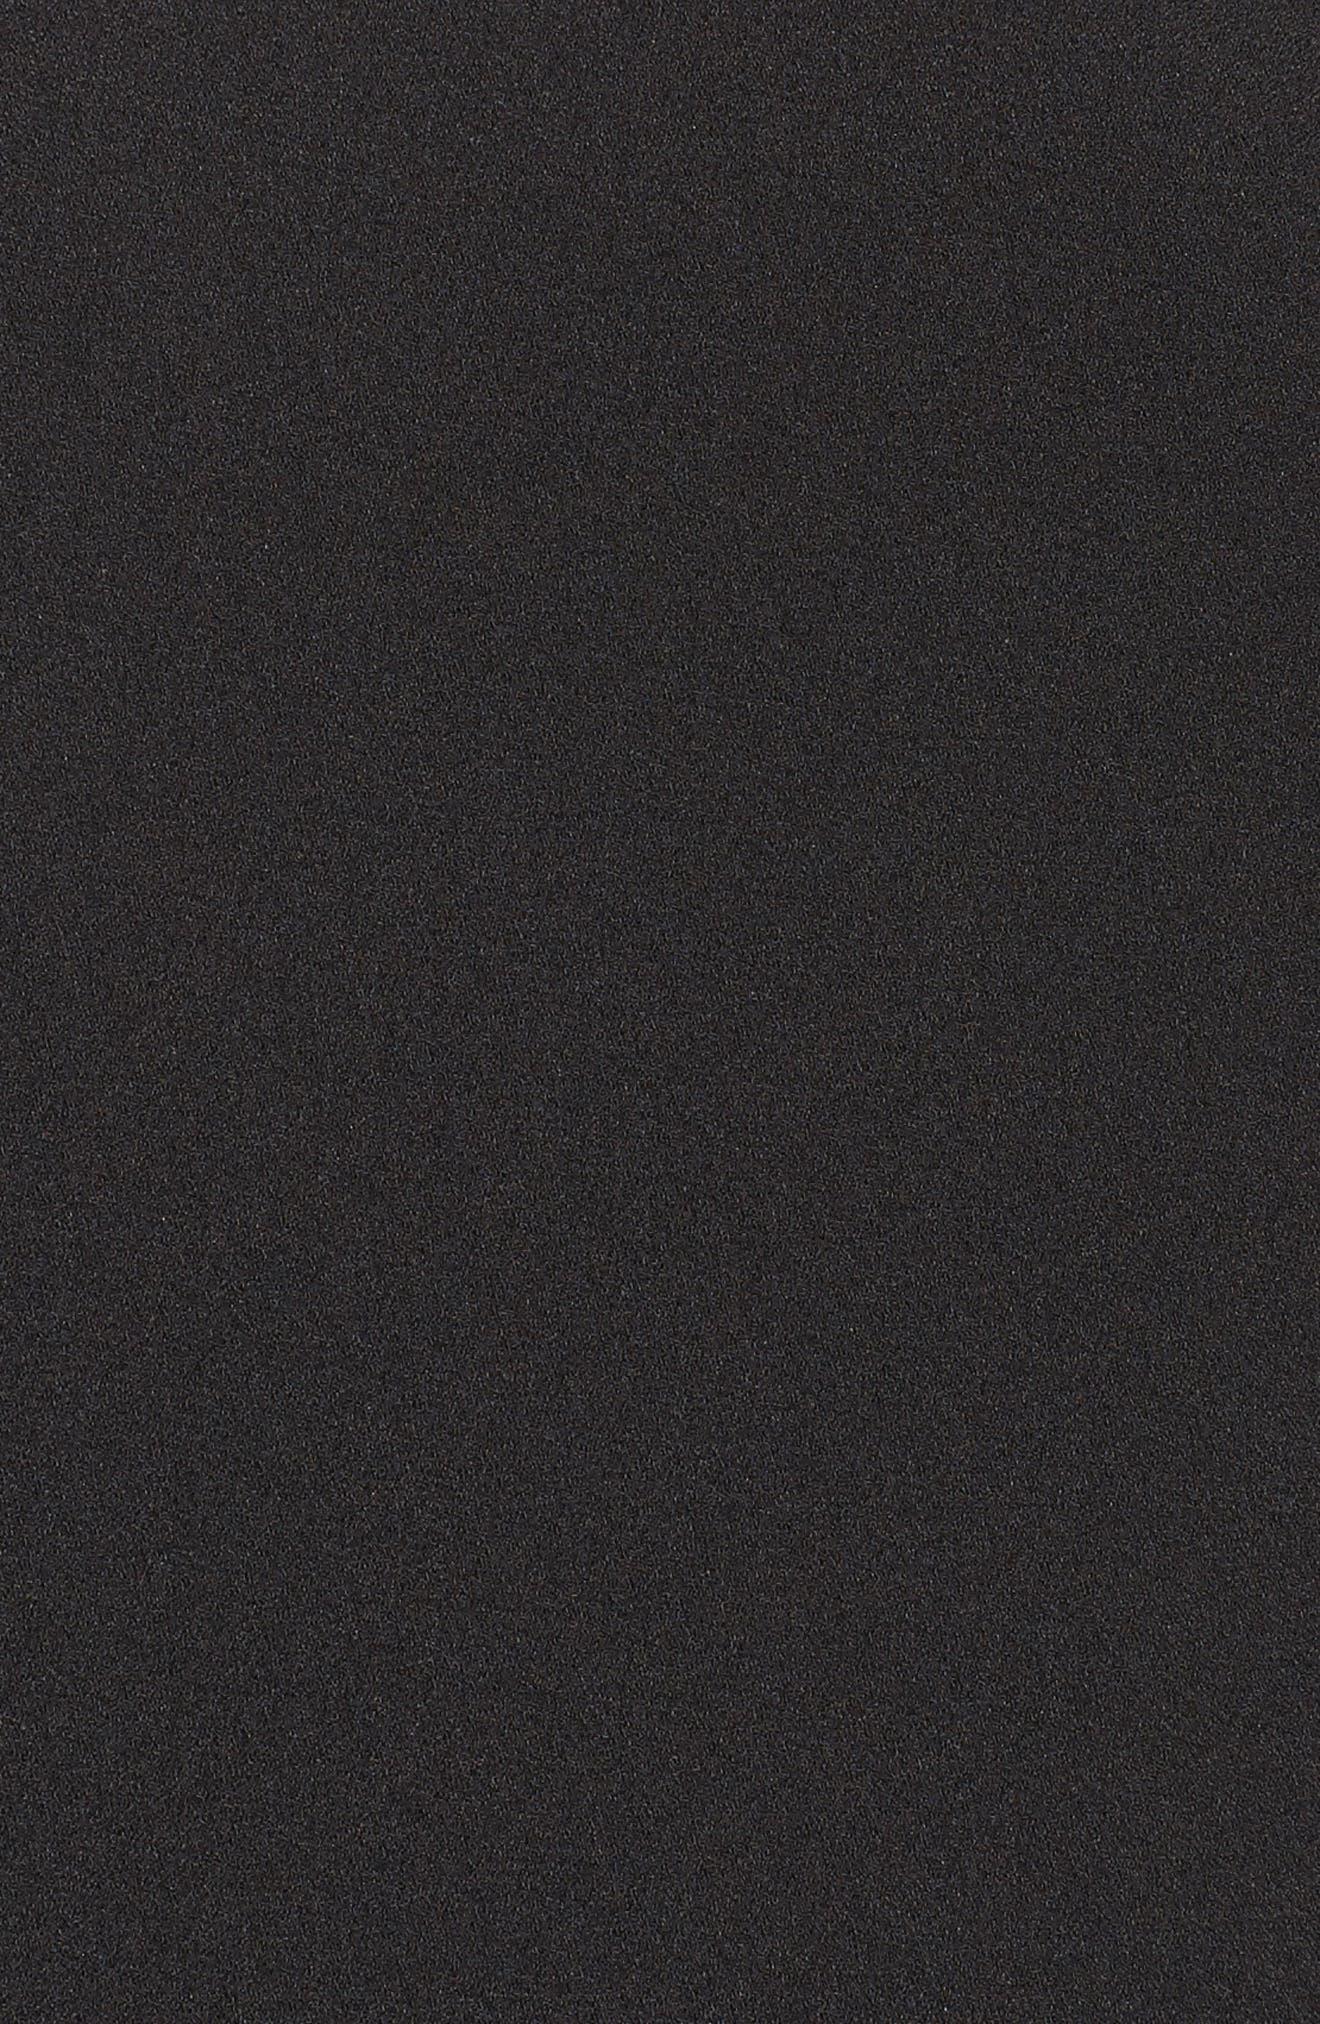 Bell Sleeve Cold Shoulder Shift Dress,                             Alternate thumbnail 5, color,                             Black